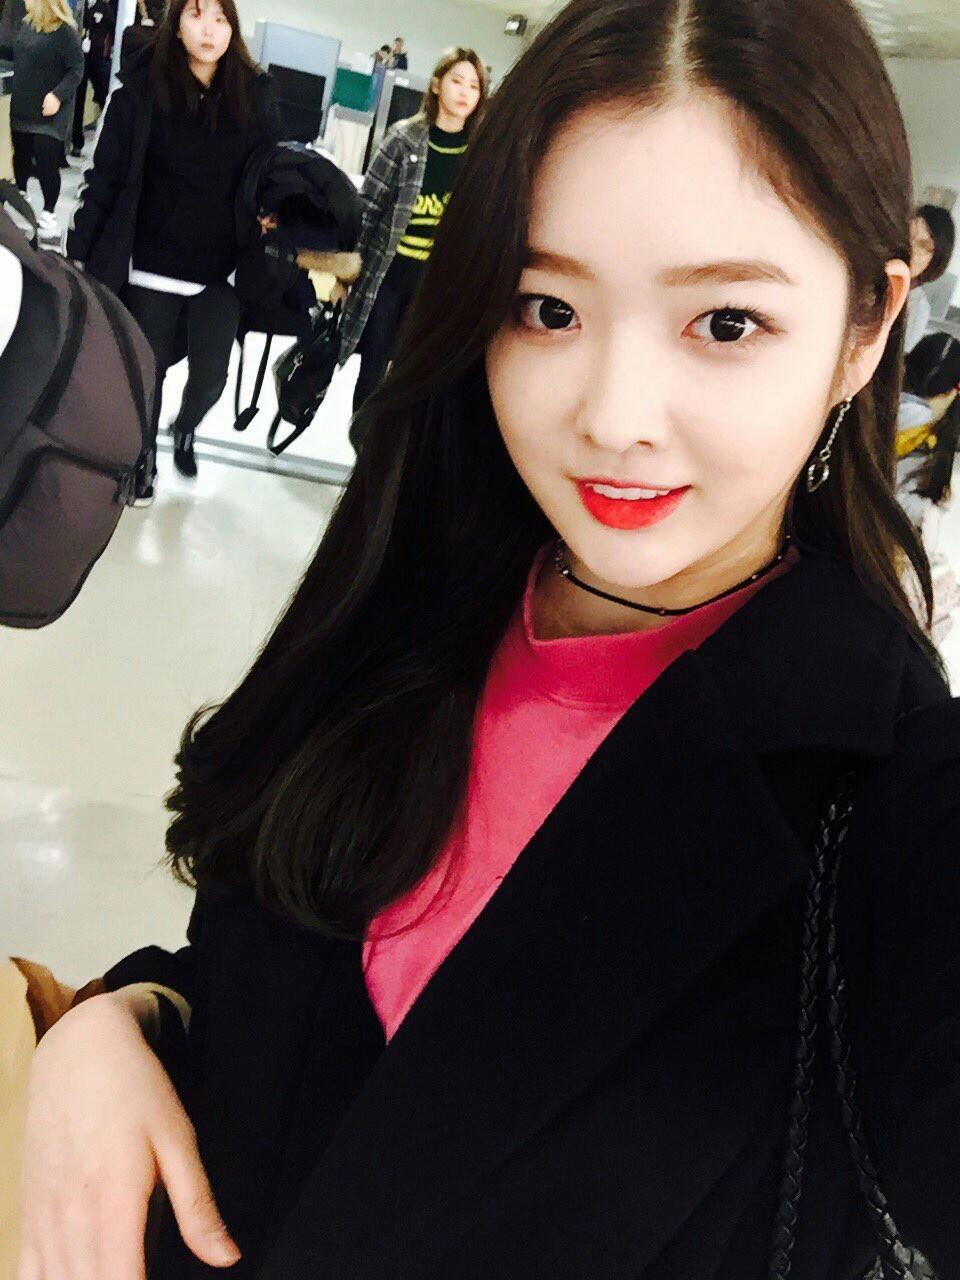 Ahn Eunjin Dia Eun Jin Wwwtollebildcom